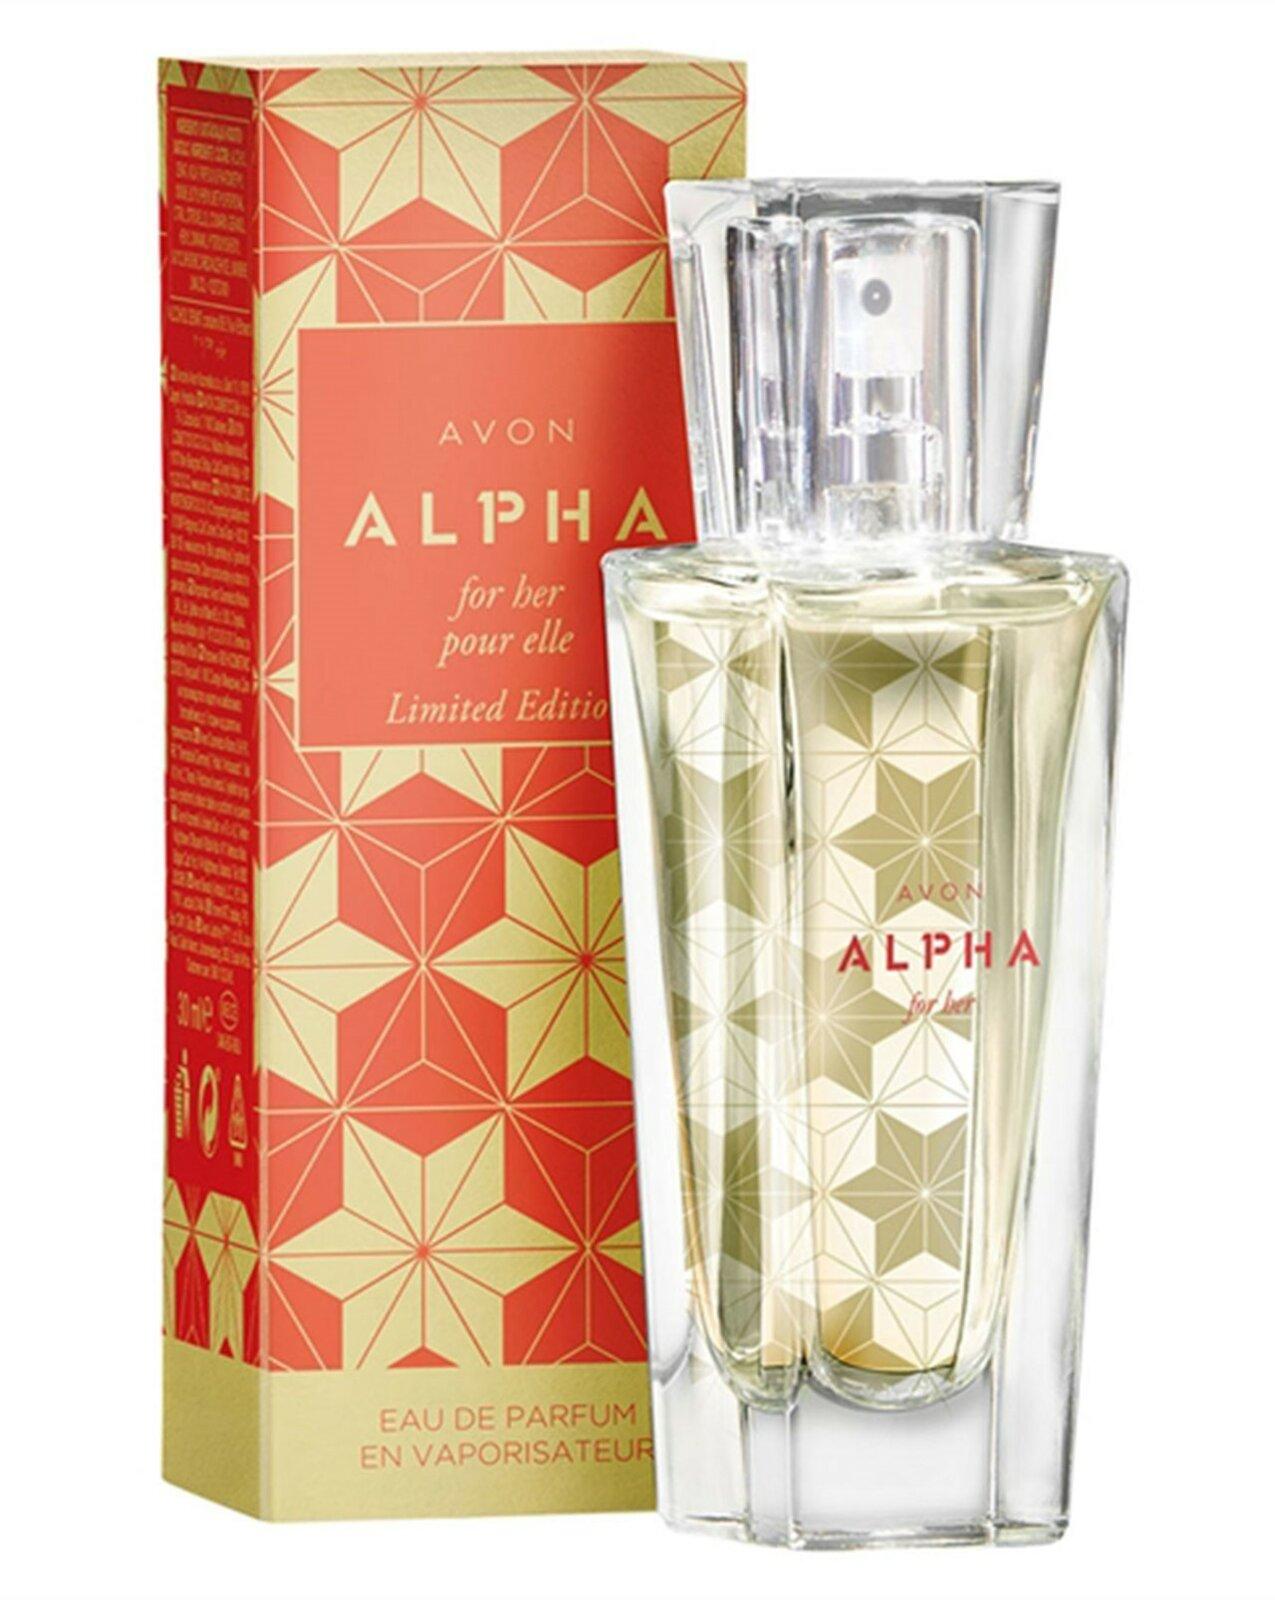 Alpha Kadın EDP Parfümü fiyatı Avon